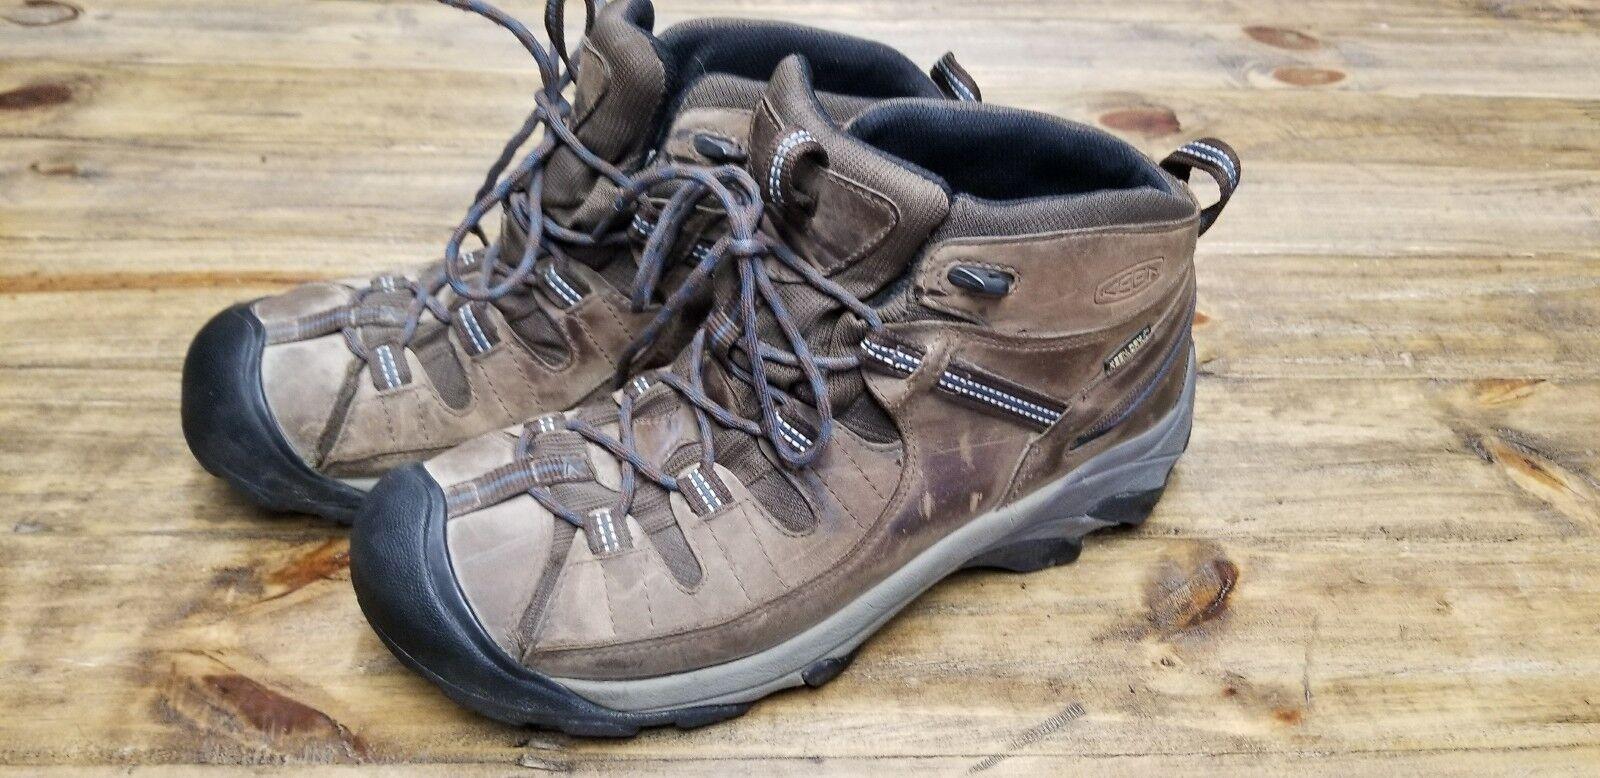 Keen Para  Hombre botas Para Excursionismo Medio Marrón Marrón aislamiento tamaño nos 10  Envío rápido y el mejor servicio